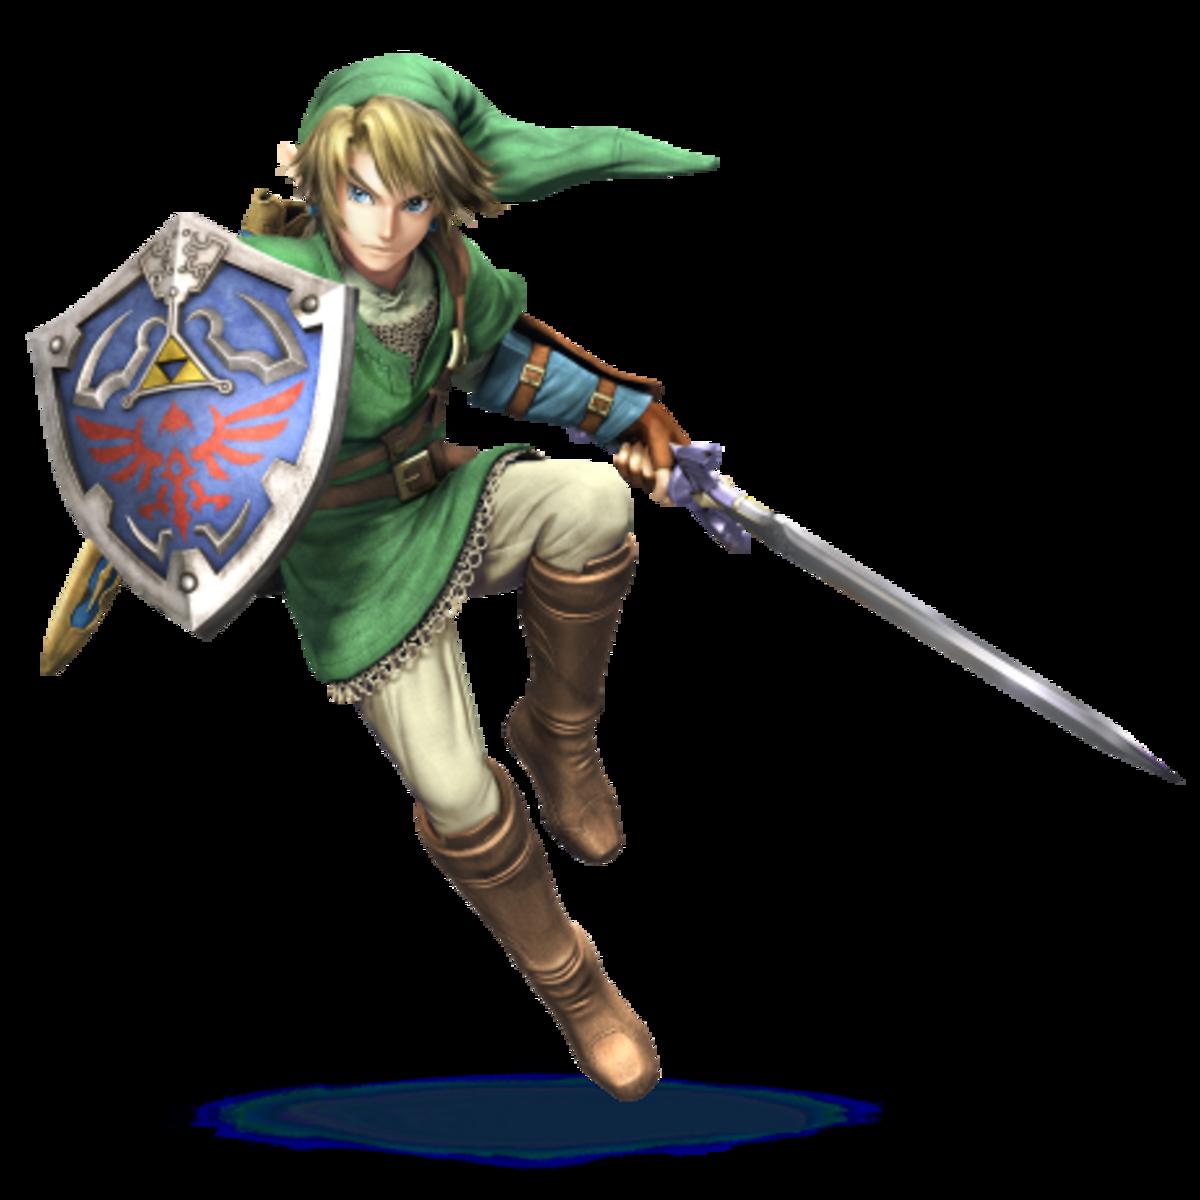 The Hero of Hyrule